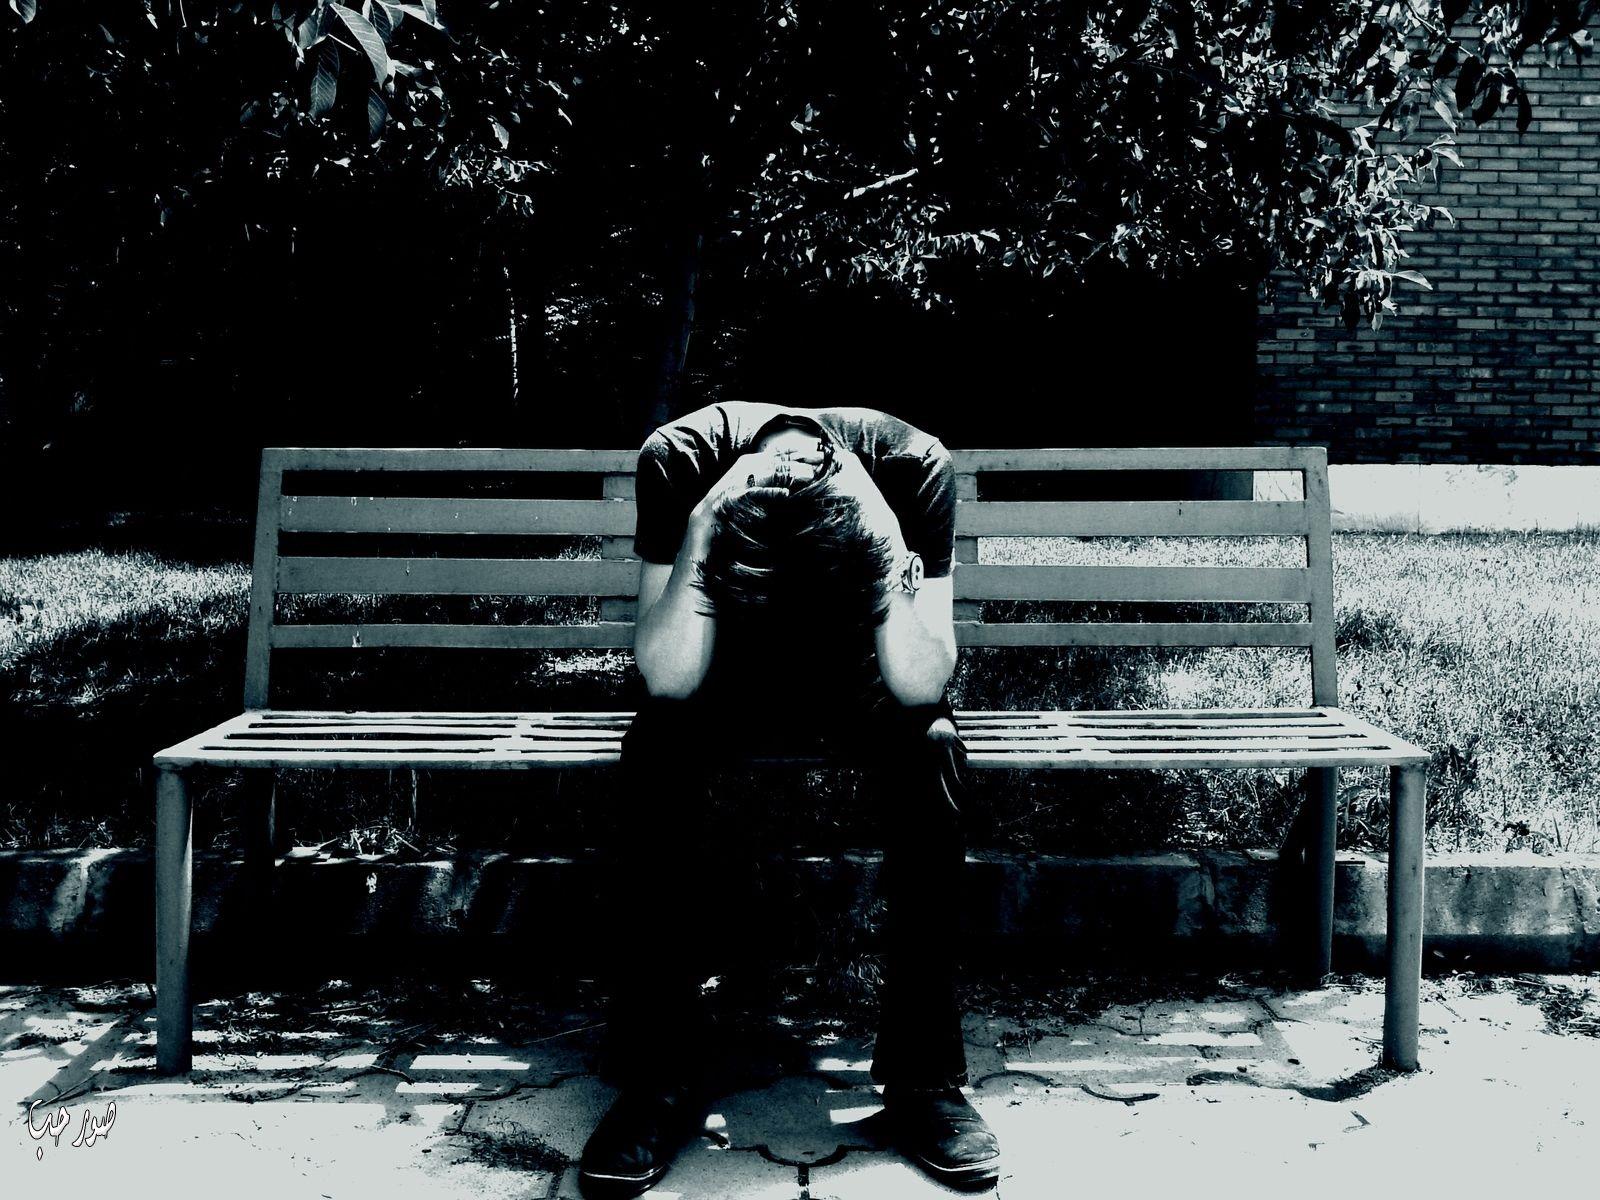 صور صور حزينه جدا جدا , اكثر صور حزينة للغاية